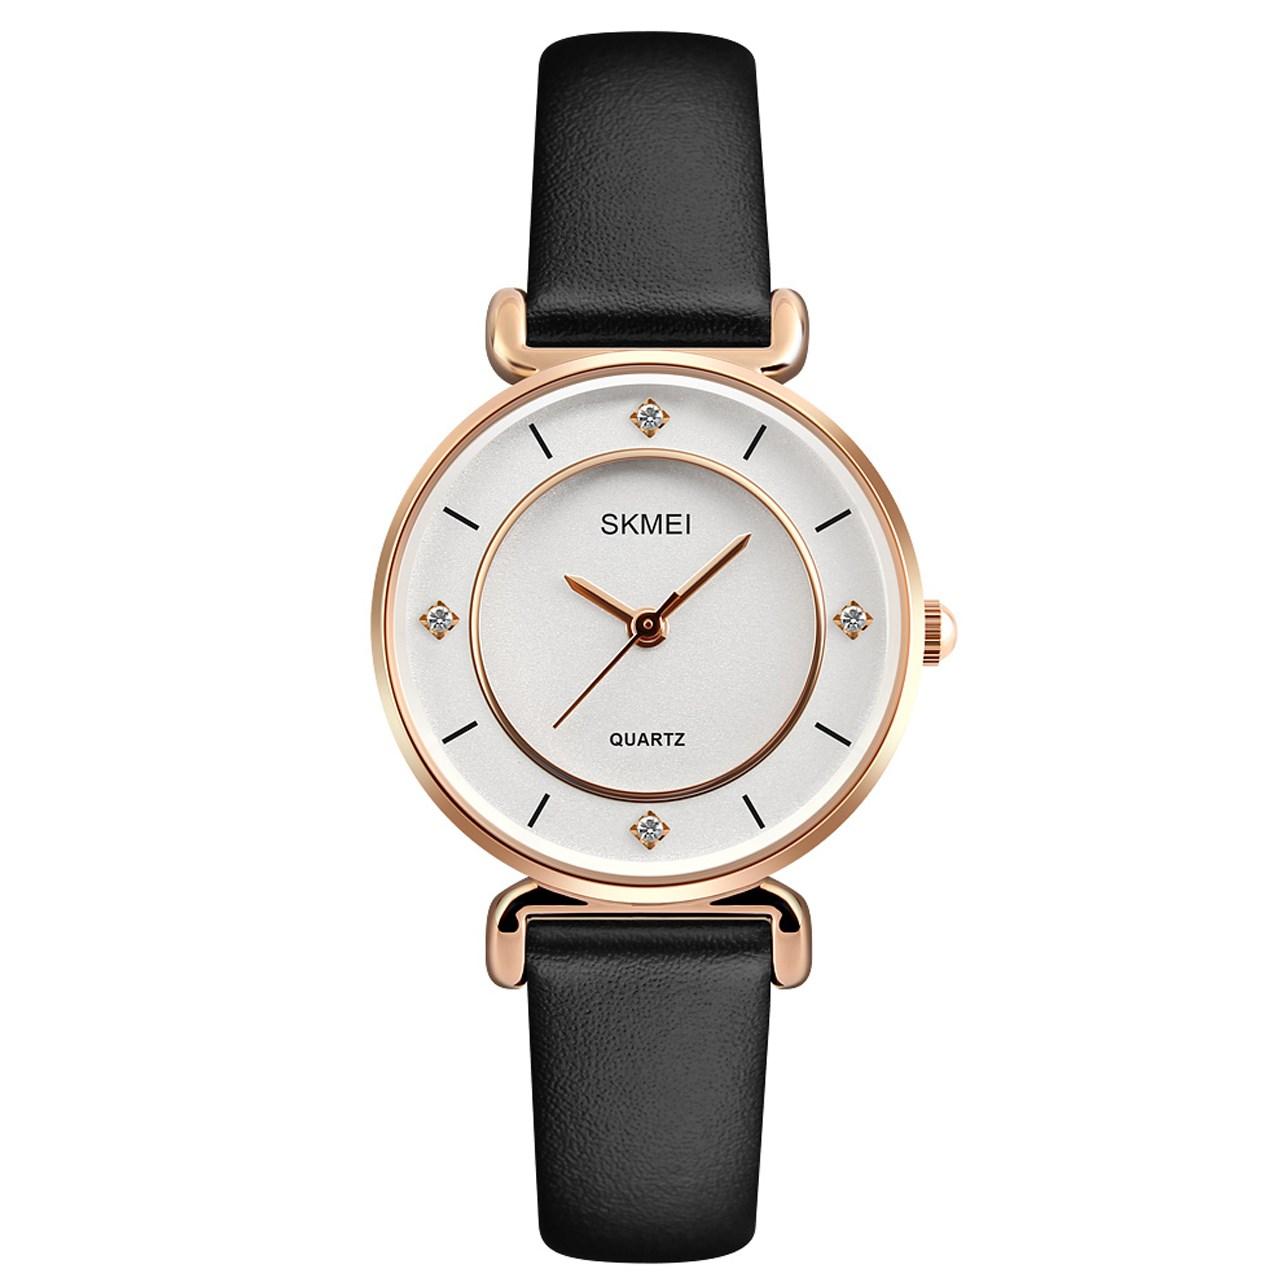 ساعت مچی عقربه ای زنانه اسکمی مدل 1330 کد 02